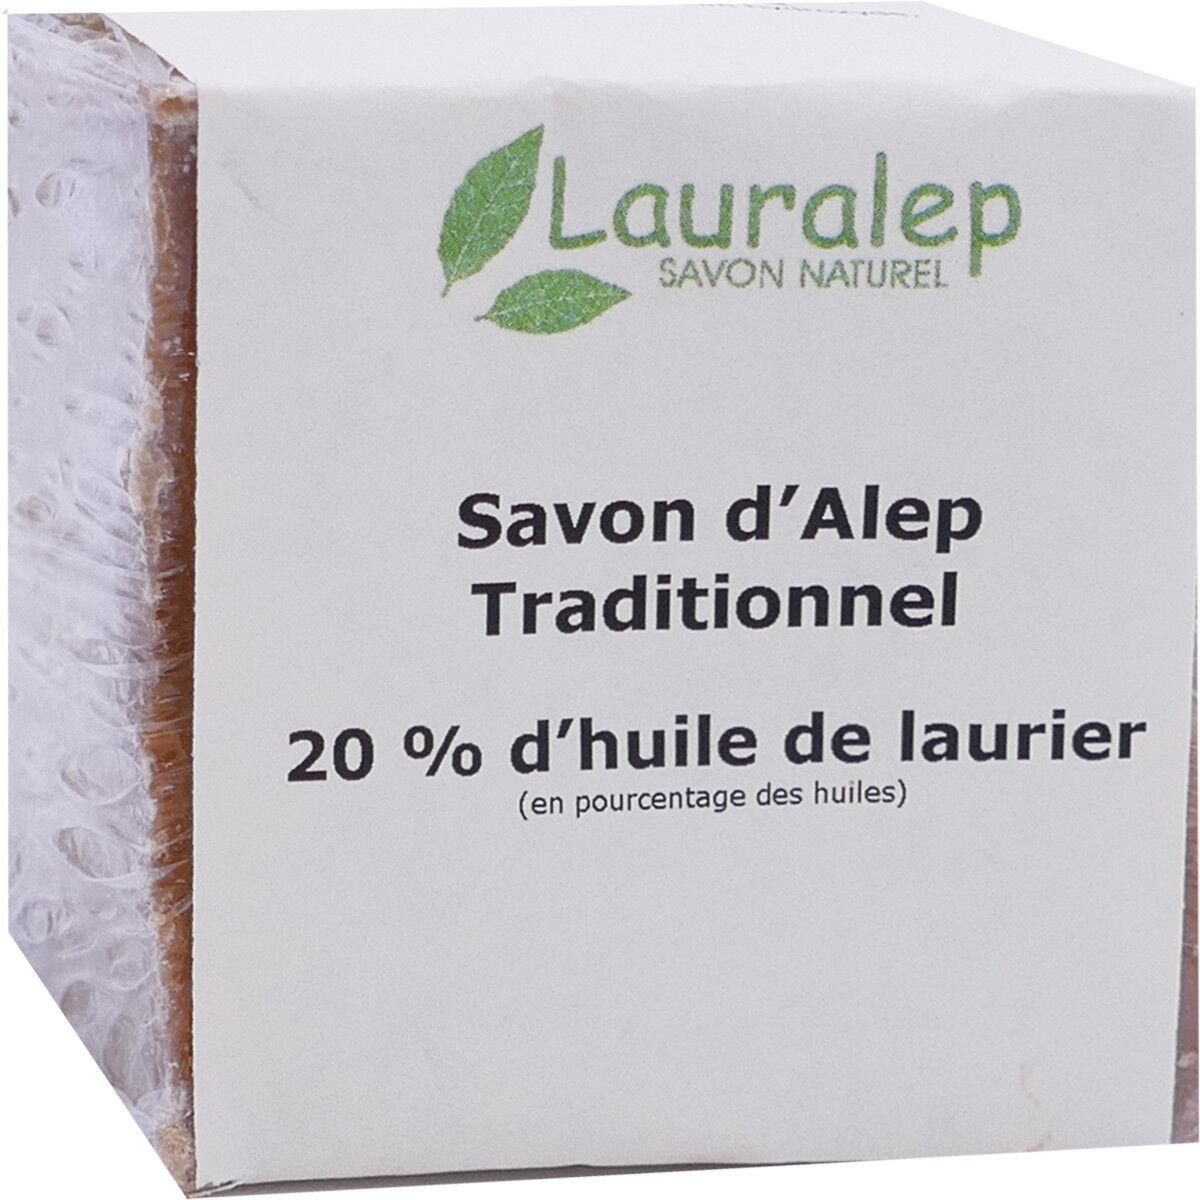 Lauralep savon d'alep traditionnel 200g 20% d'huile de laurier